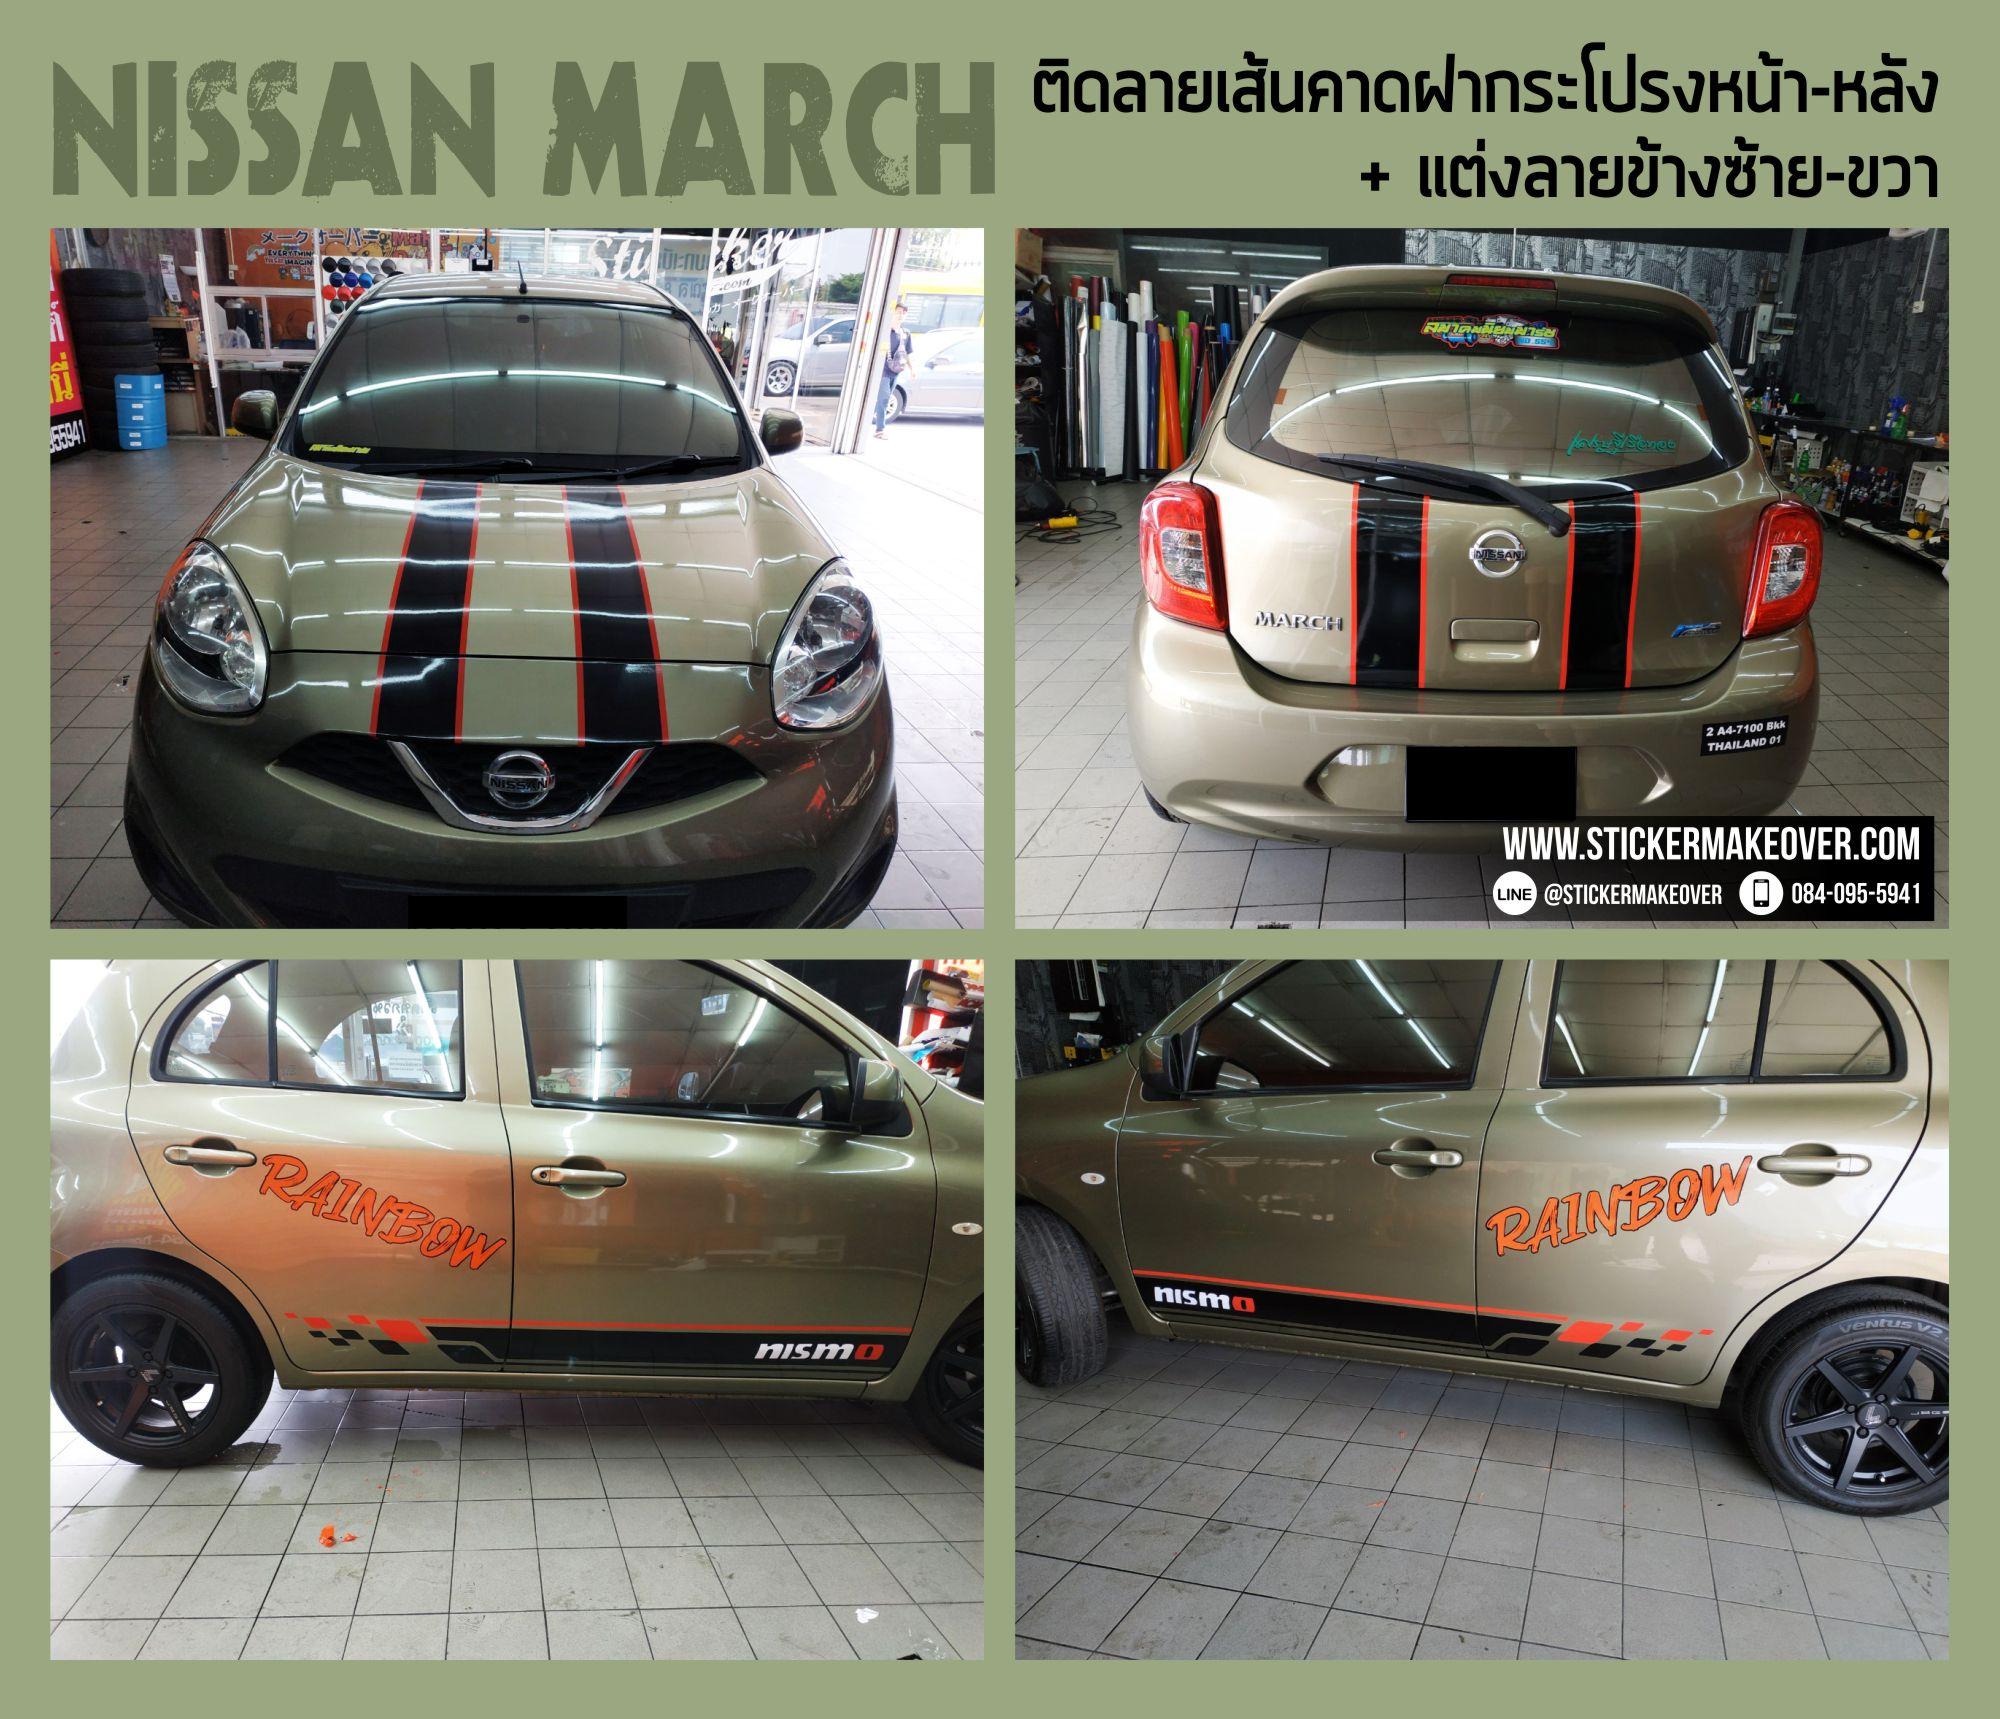 แต่งลายรถสติกเกอร์ Nissan march นิสสันมาร์ชแต่งสวย สติกเกอร์หลังคา Nissan march หุ้มหกระจก Nissan march ลายรถ Nissan marchสวย แต่งลายรถนนทบุรี สติกเกอร์ติดรถลายการ์ตูน  หลังคาธงอังกฤษ หูกระจกธงอังกฤษ หุ้มสติกเกอร์เปลี่ยนสีรถ Nissan march สติกเกอร์ลายnismo